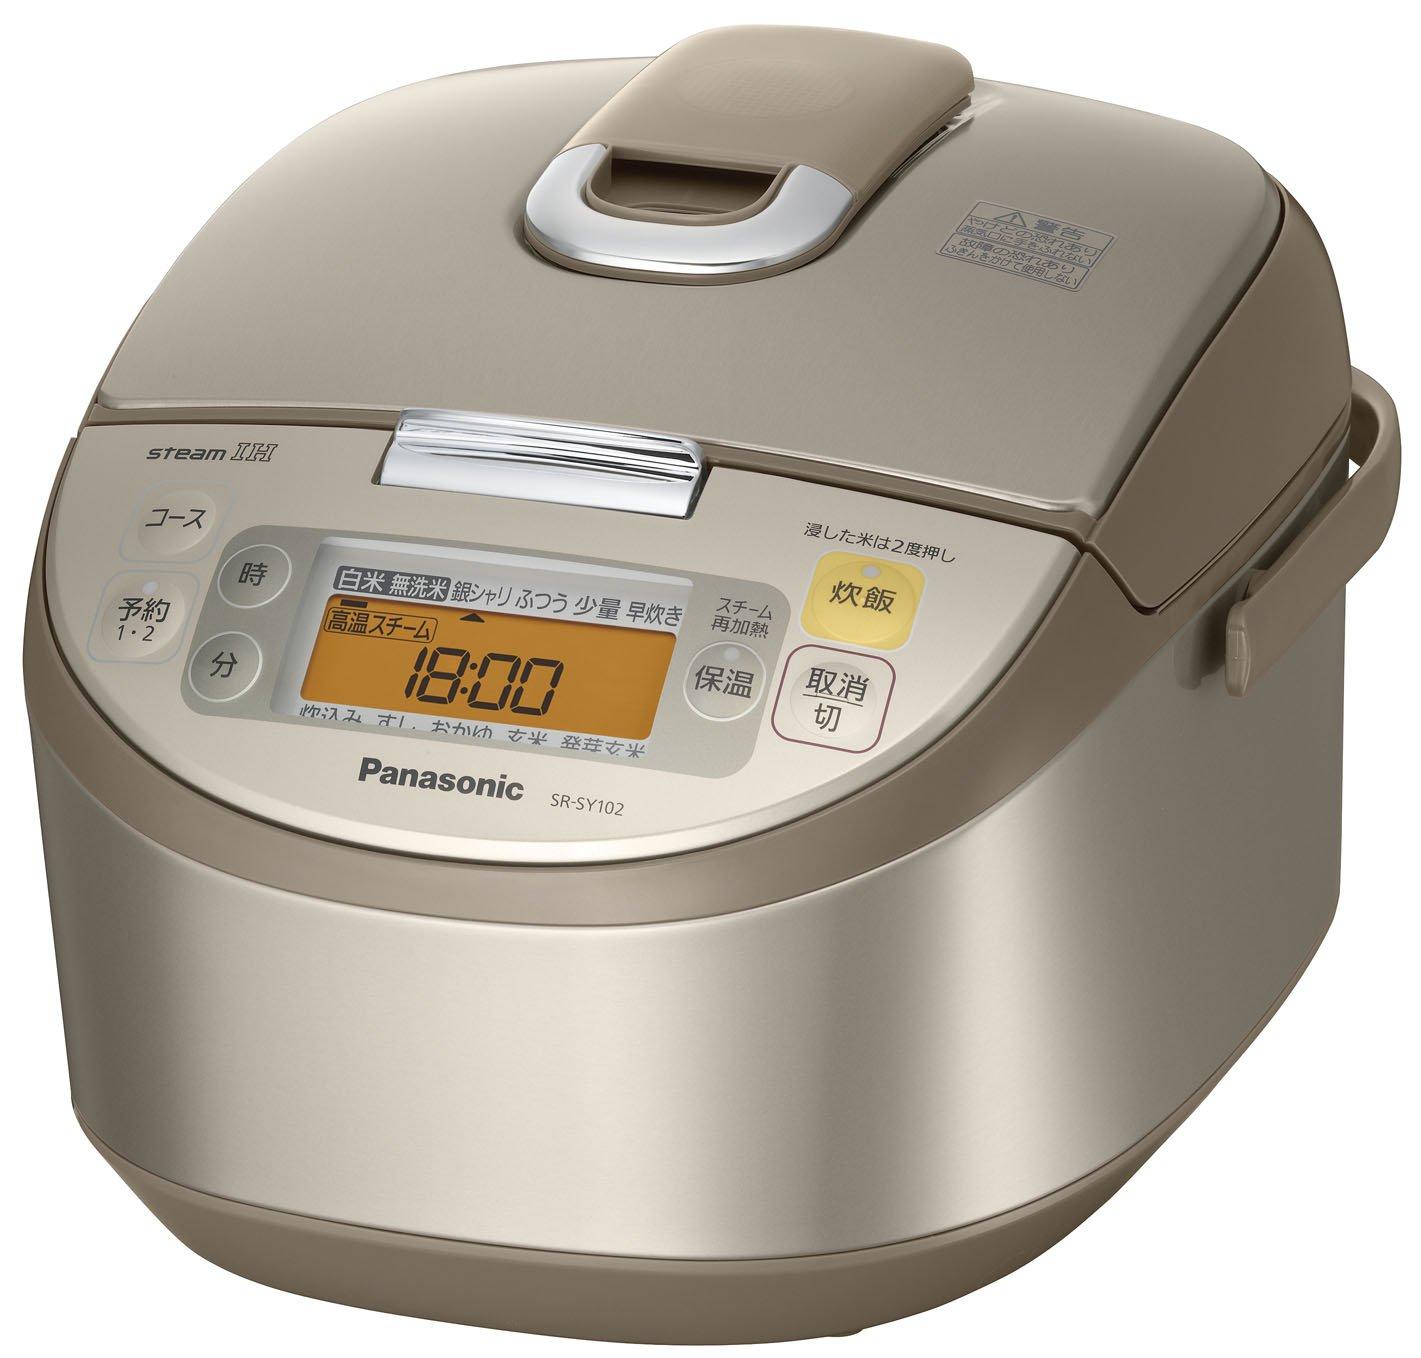 パナソニック 大圧力銅釜 スチームIHジャー炊飯器 5.5合 サテンゴールド SR-SY102-N   B001EULWD4